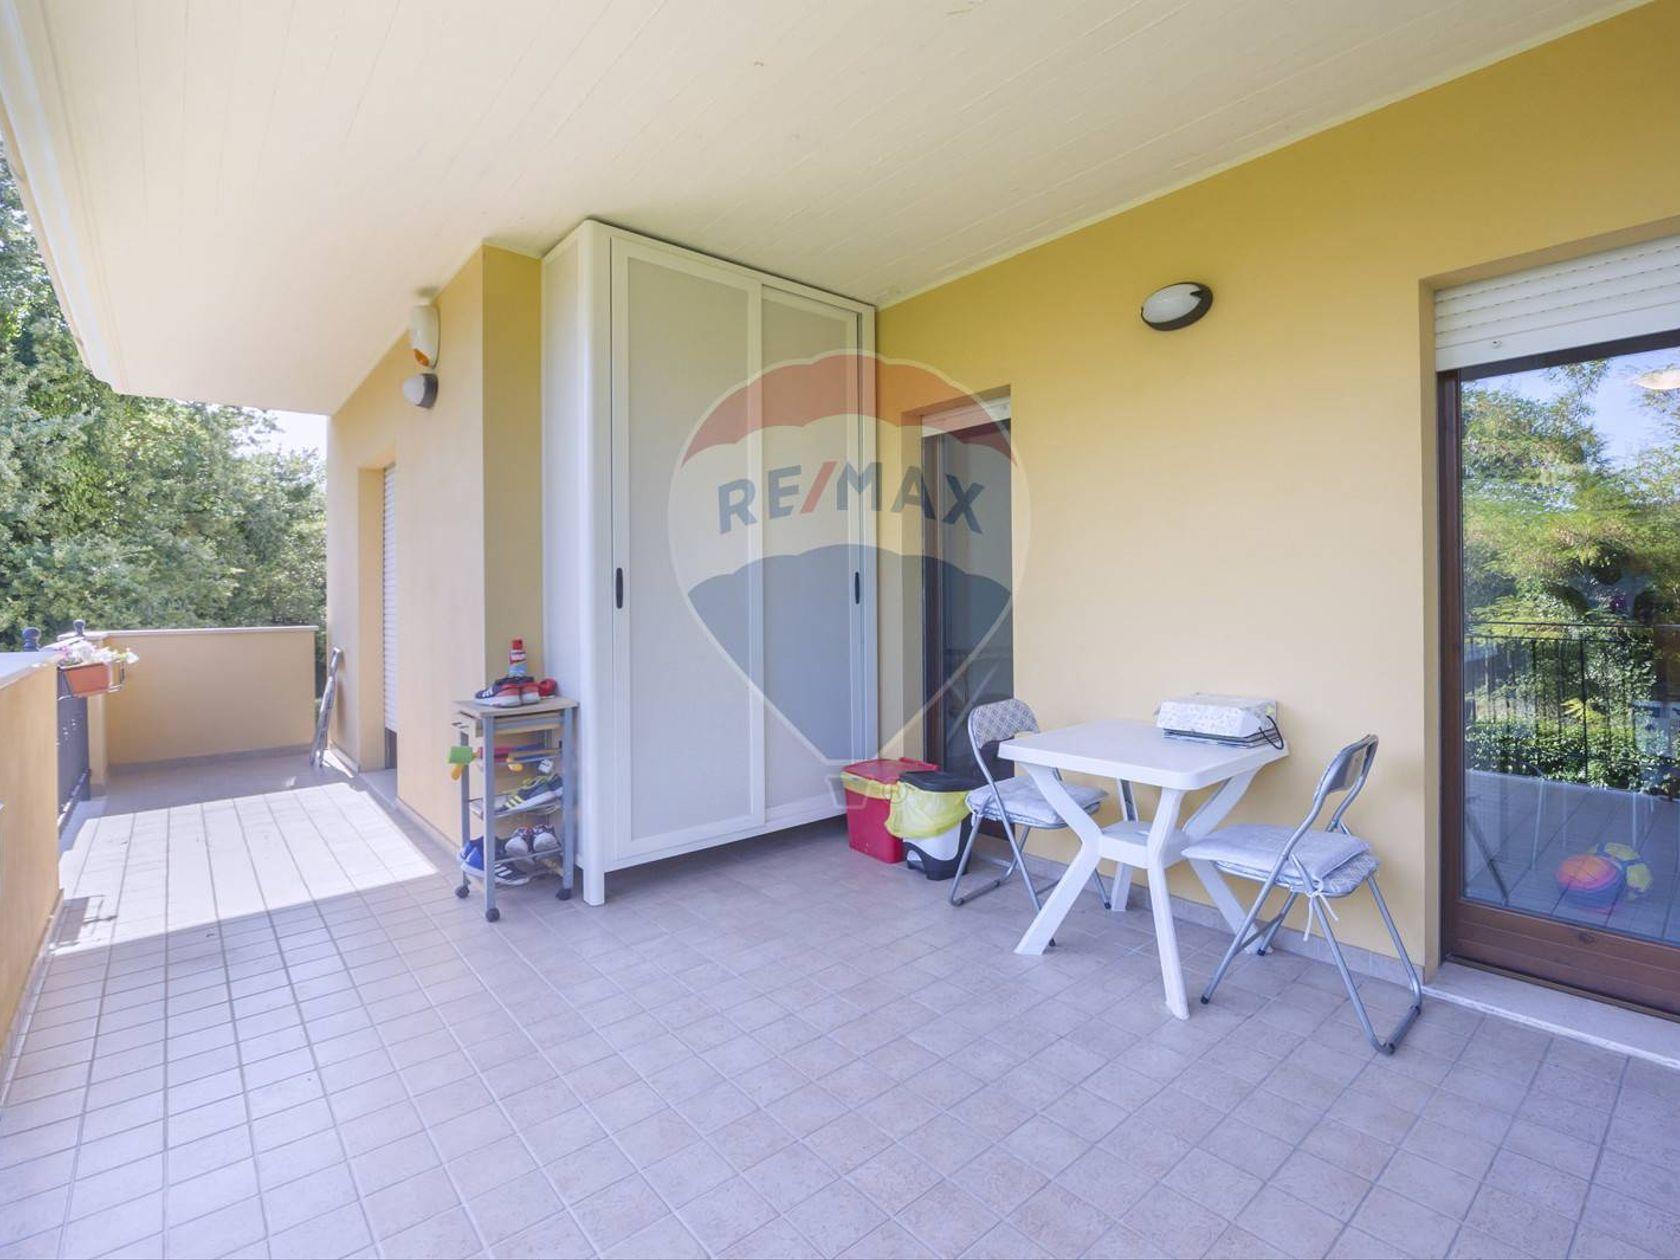 Appartamento Madonna delle Piane, Chieti, CH Vendita - Foto 10